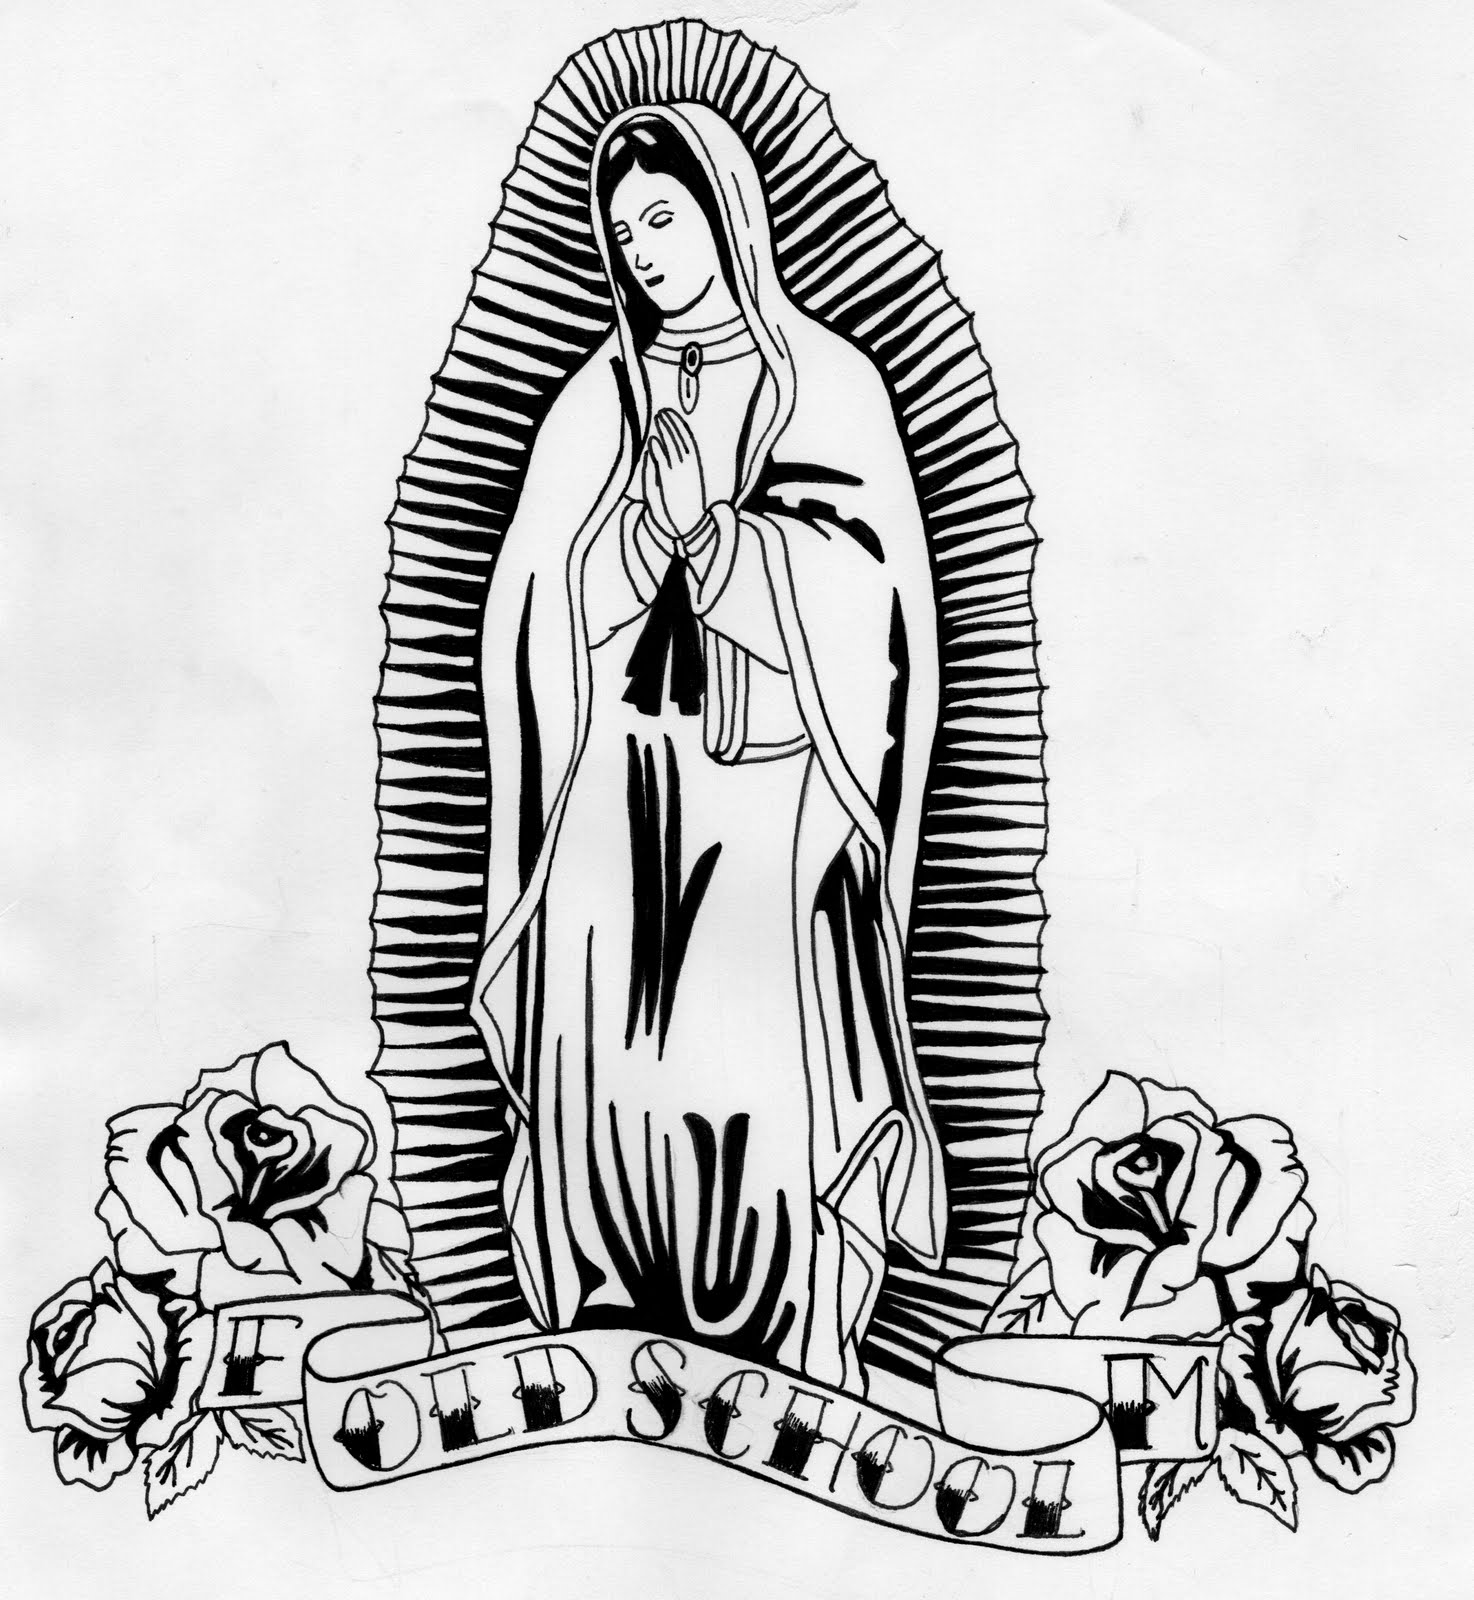 Virgen de Guadalupe en dibujitos - Imagui